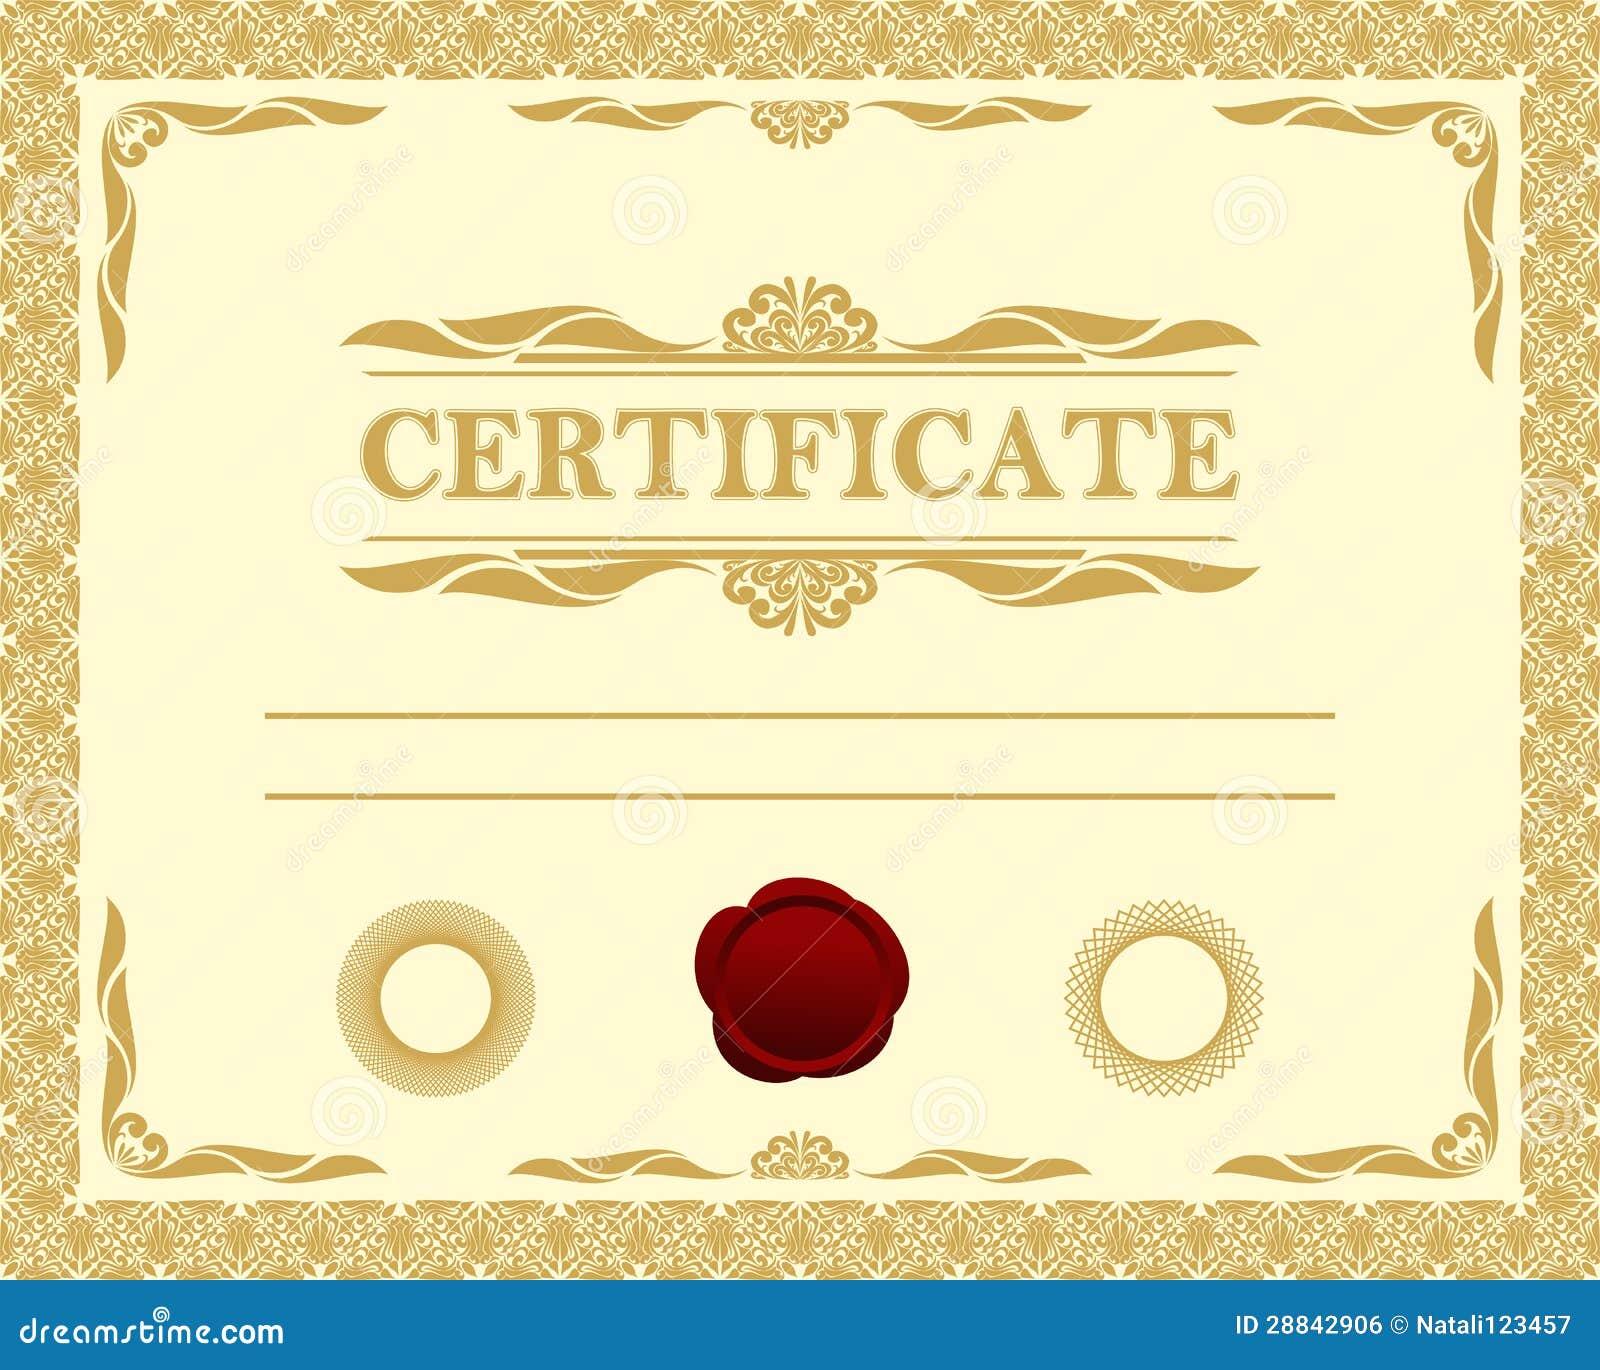 Сертификат шаблоны пустые скачать бесплатно